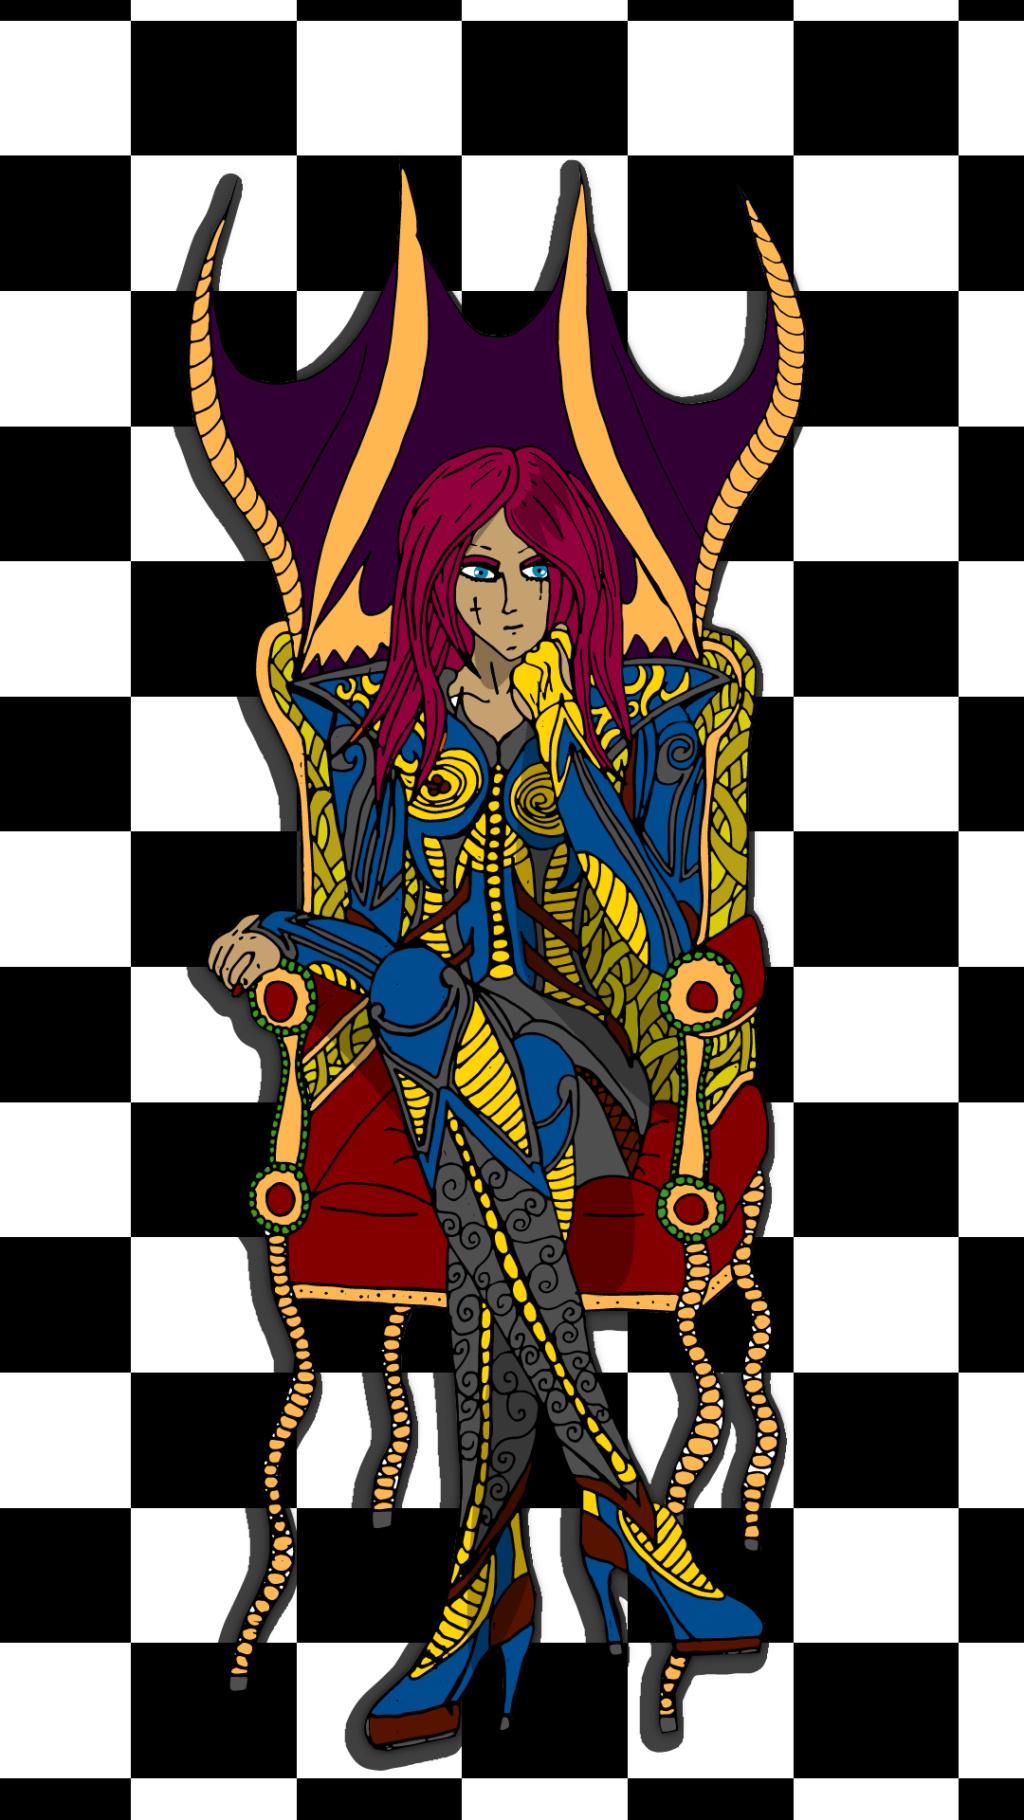 Le coin des dessinateurs - Page 17 Prince10